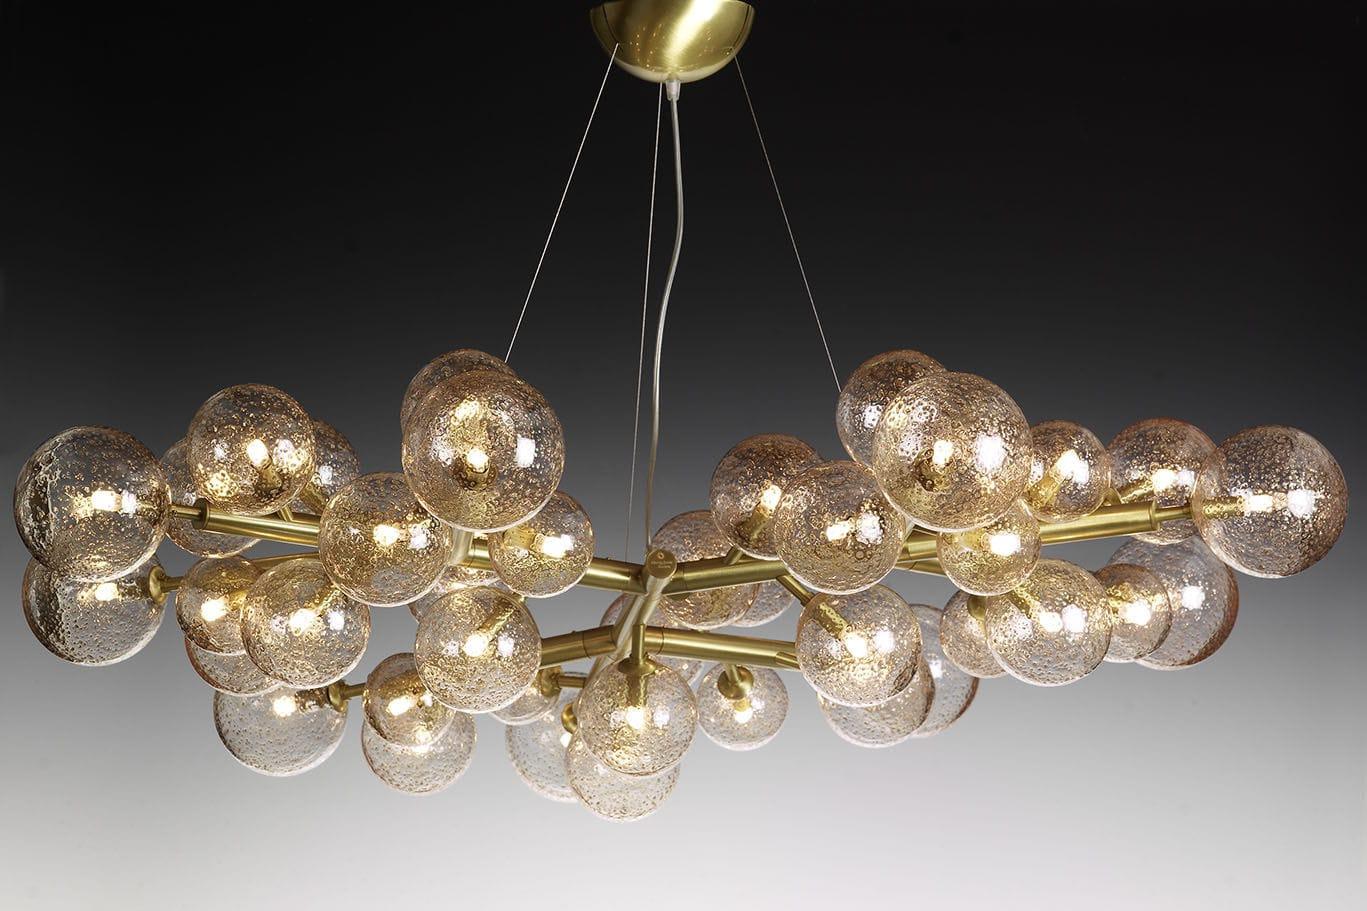 Lampadario design minimalista in vetro soffiato in vetro di